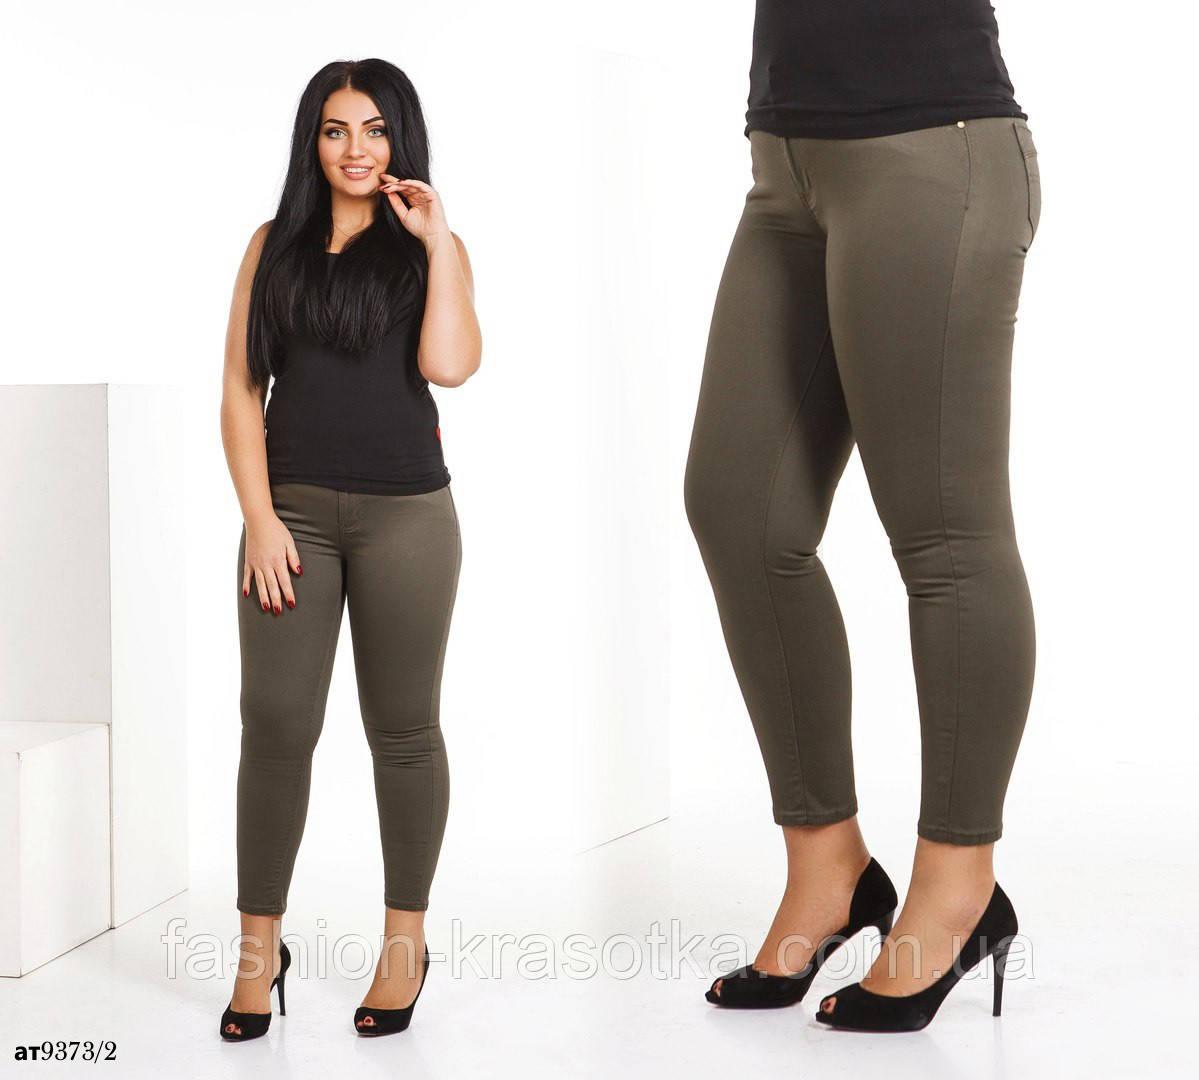 Капри женские джинсовые 46-48,50-52,54-56,58-60